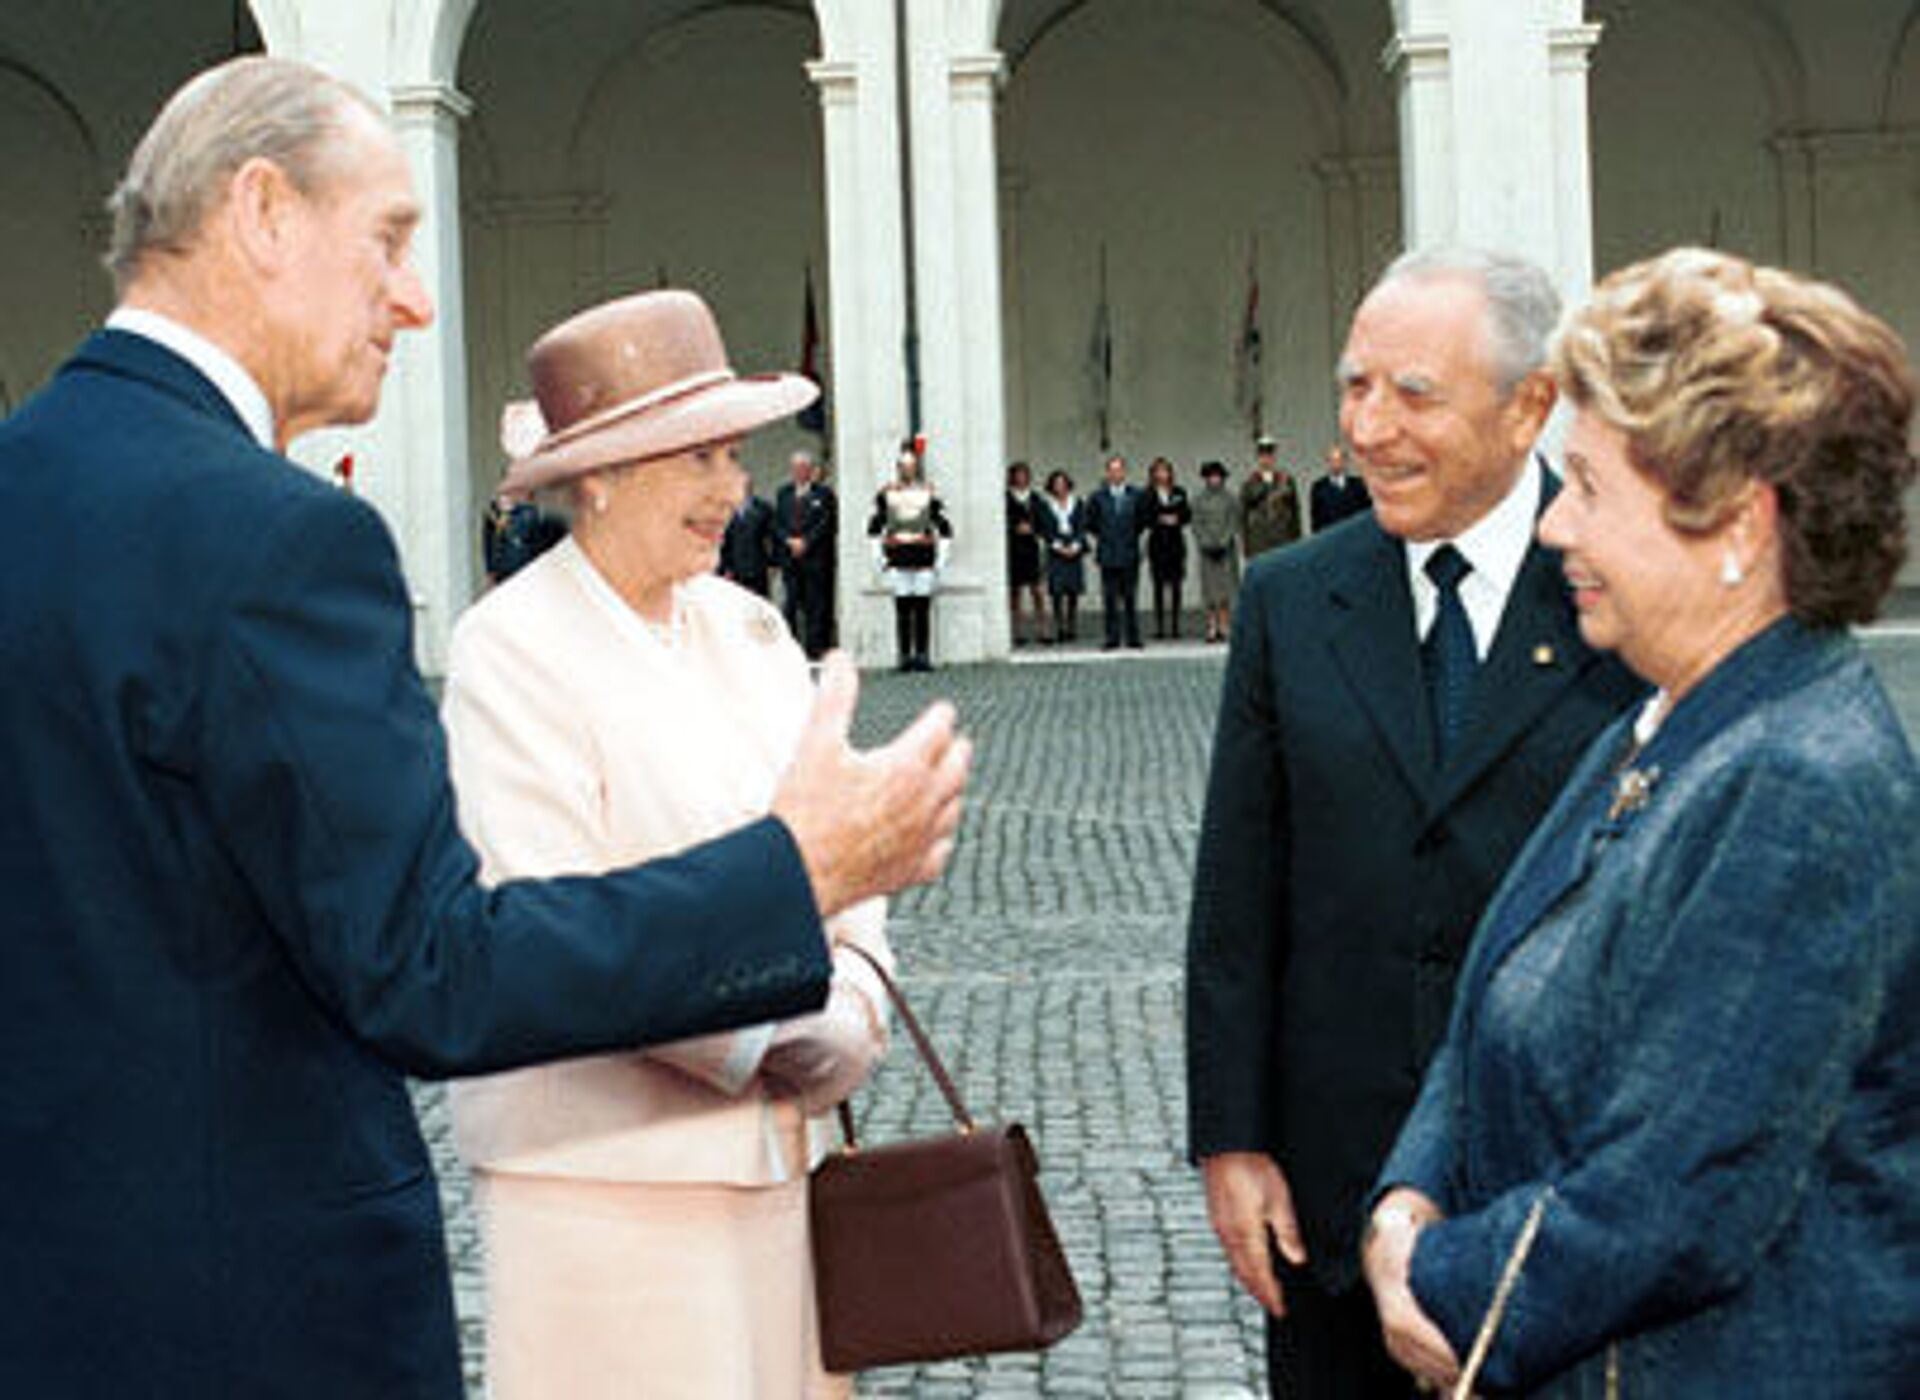 La Regina Elisabetta II e il Principe Filippo con Carlo Azeglio Ciampi e la moglie Franca Pilla nel 2000 - Sputnik Italia, 1920, 18.05.2021